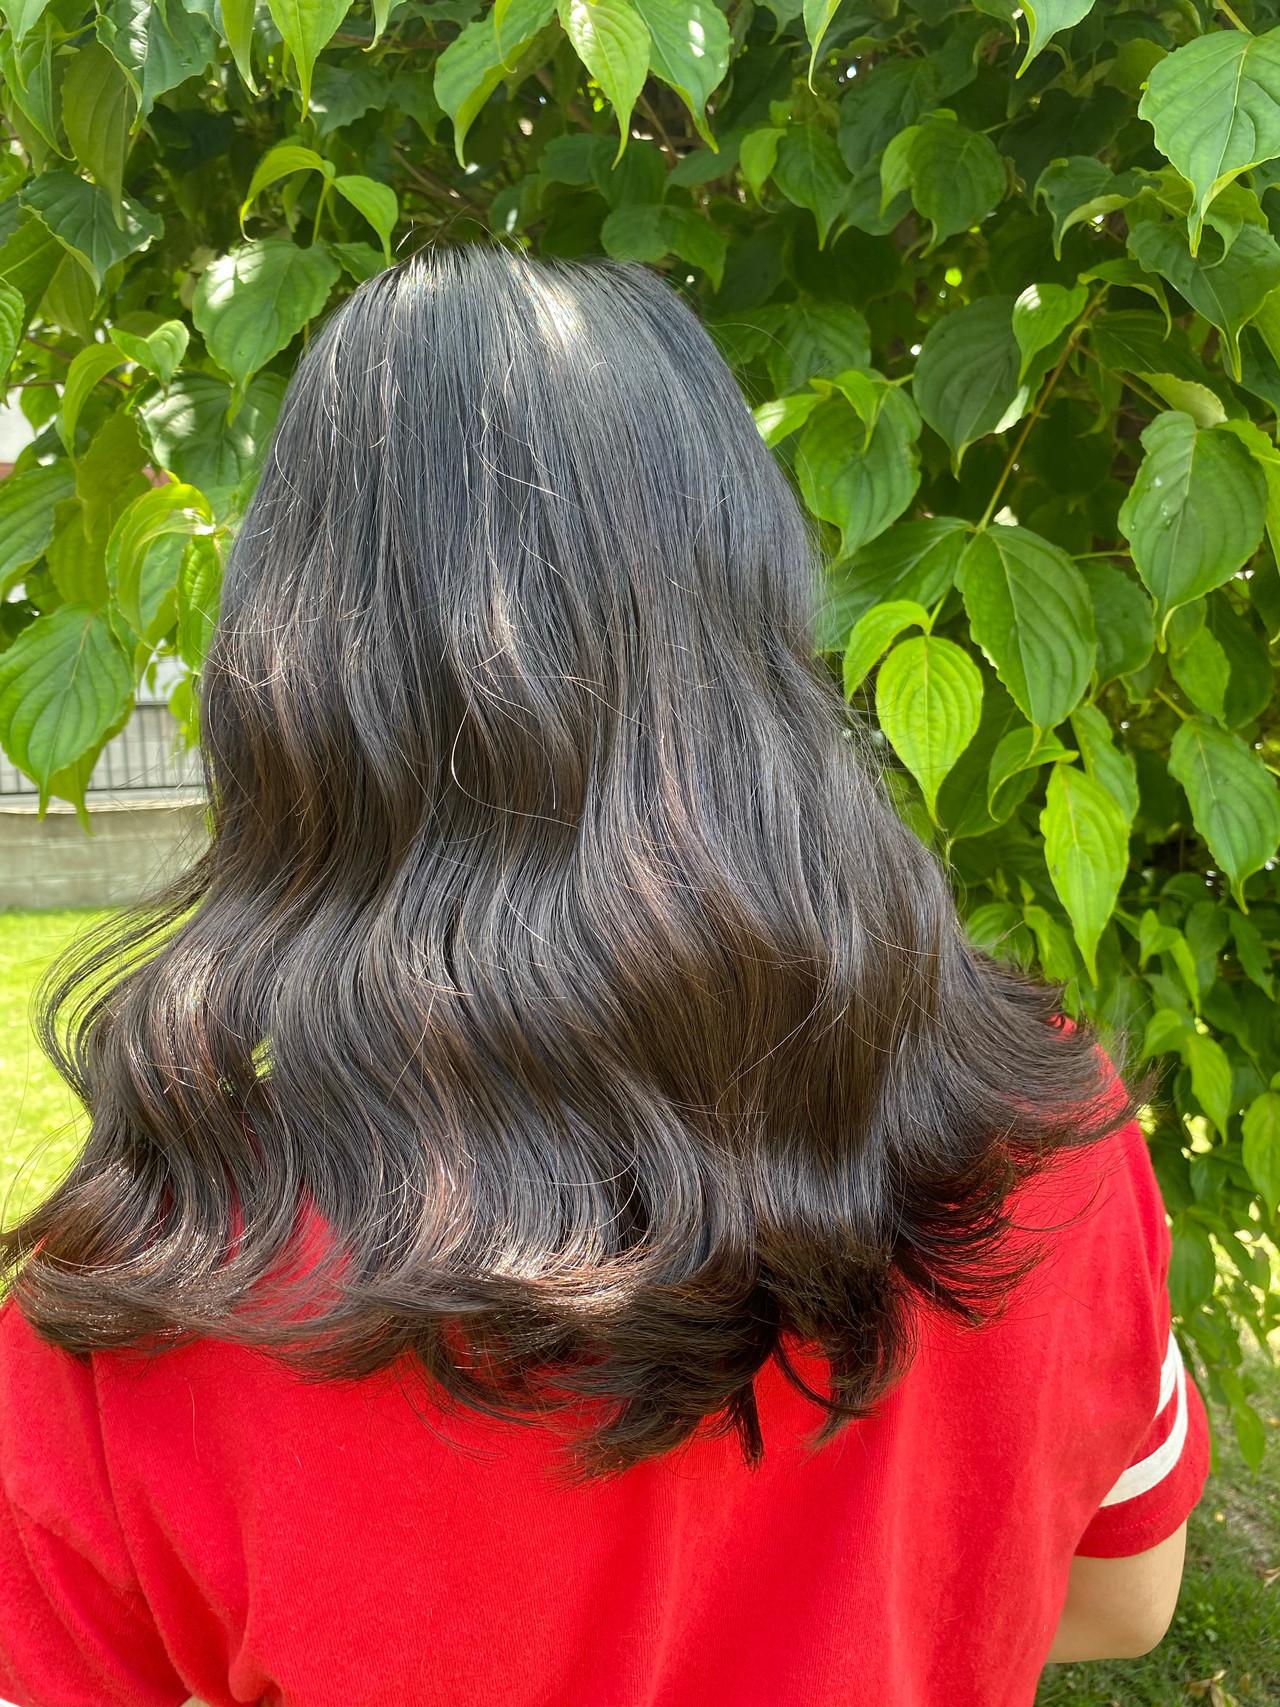 グレージュ ロング ダブルカラー 透明感カラー ヘアスタイルや髪型の写真・画像